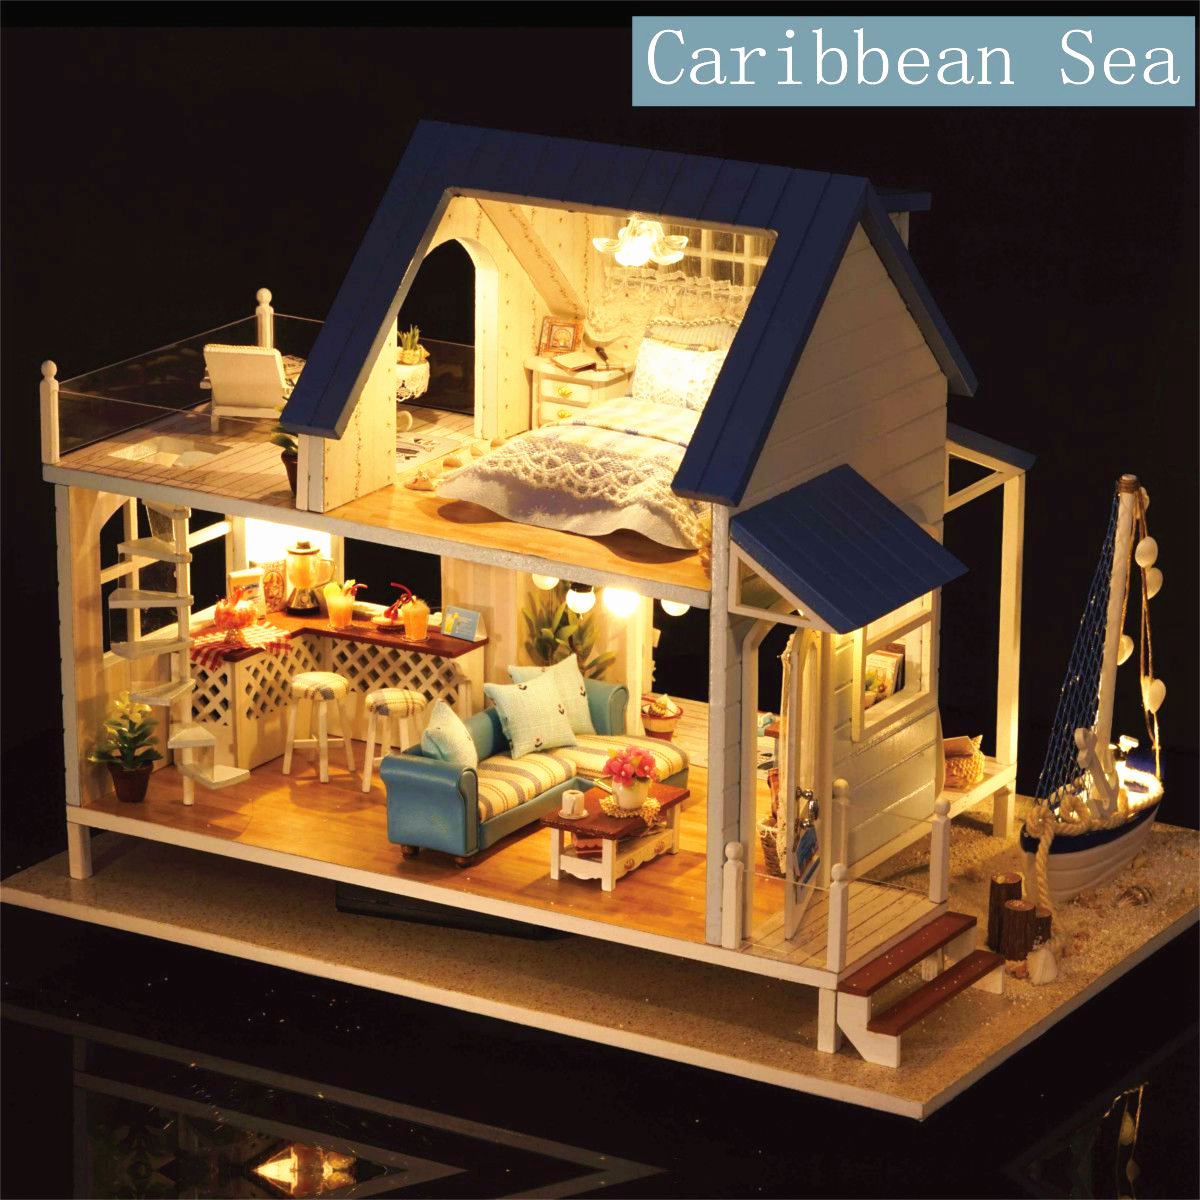 DIY ручной работы миниатюрный проект комплект деревянные куклы Дом Музыки Карибское море дом игрушки подарки для друзей детей